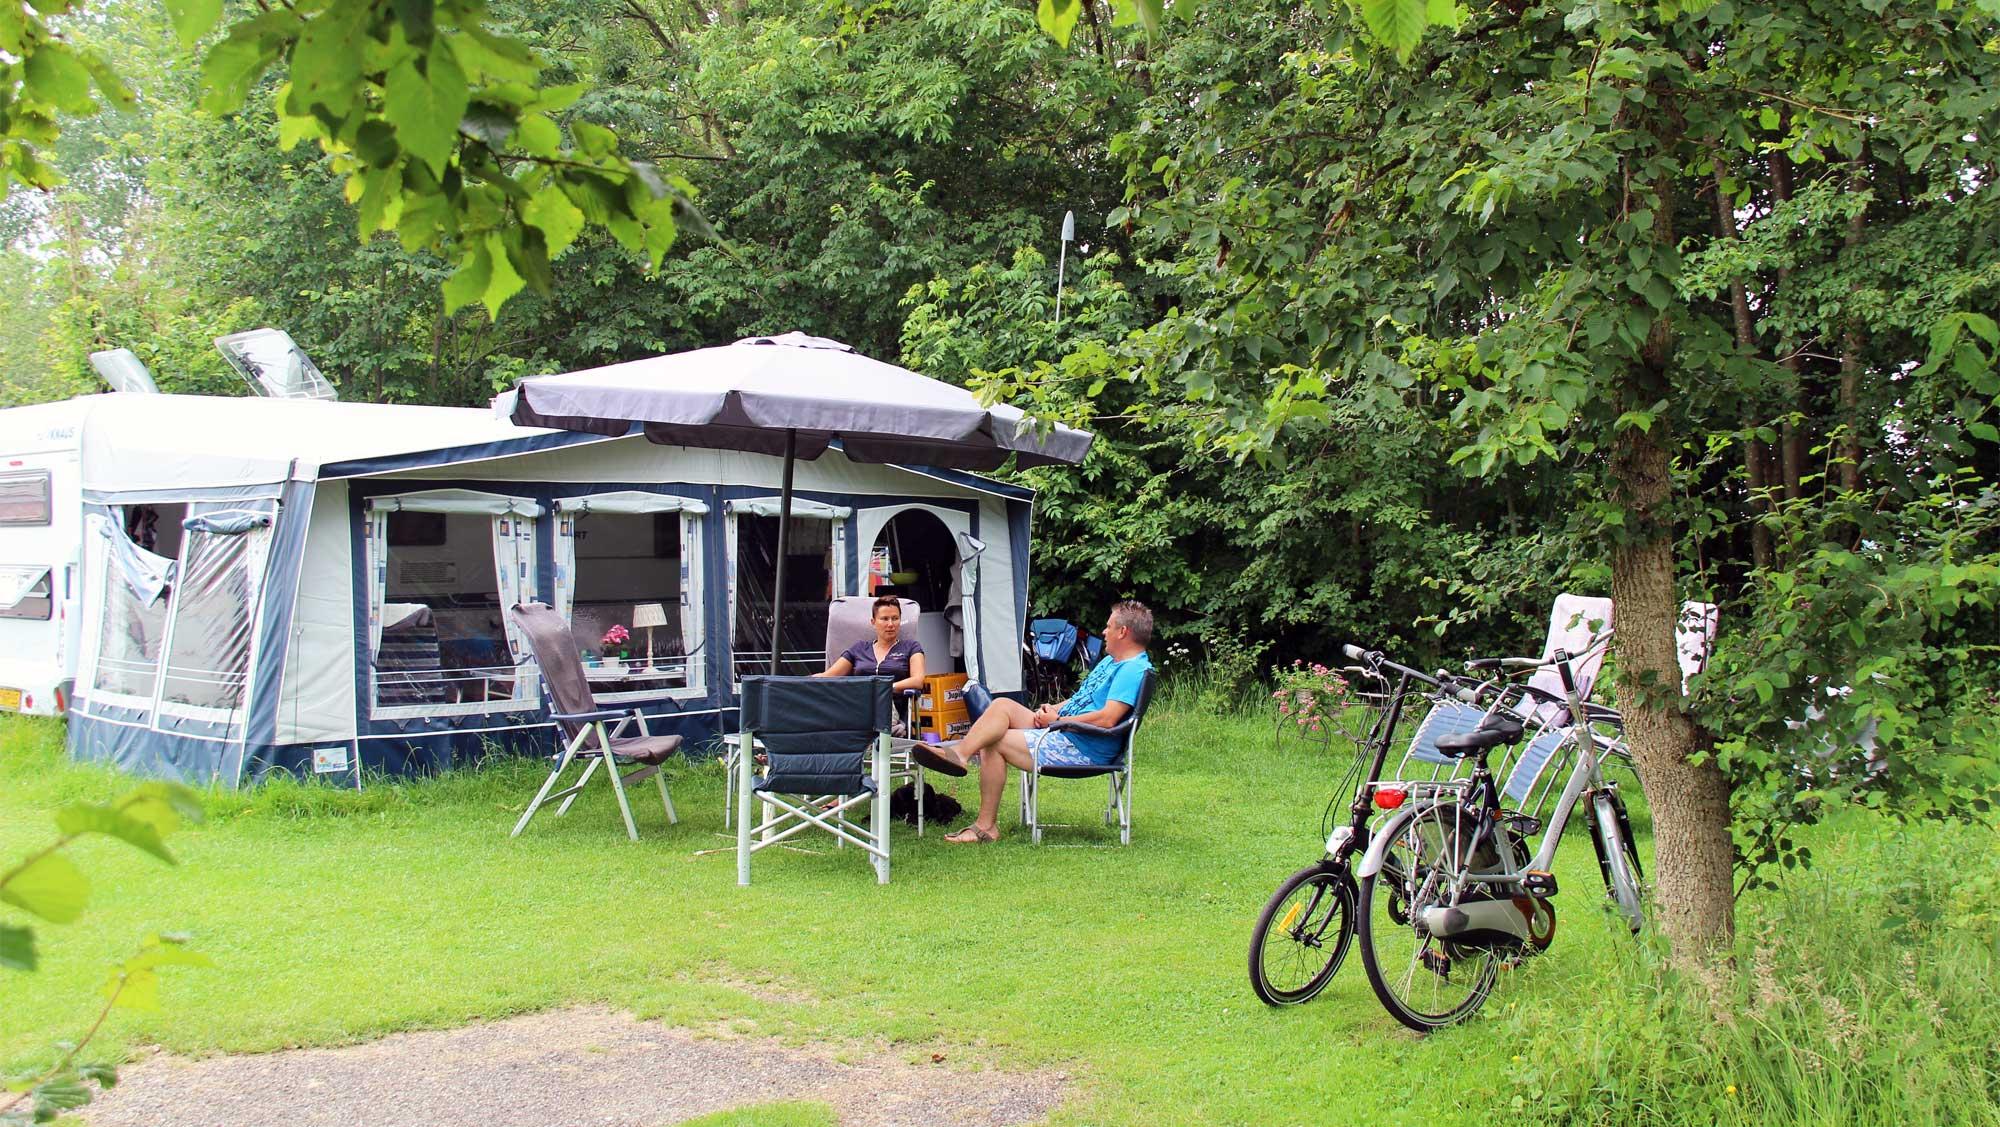 Seizoenplaats kamperen Molecaten Park Rondeweibos